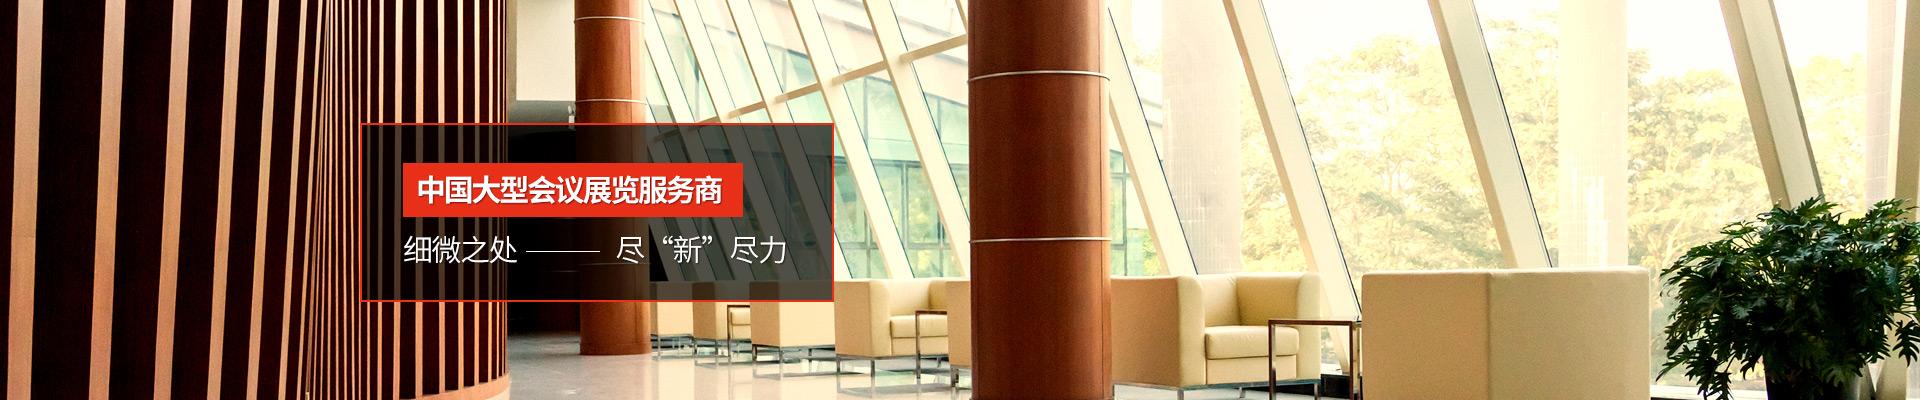 中国大型会议展览服务商